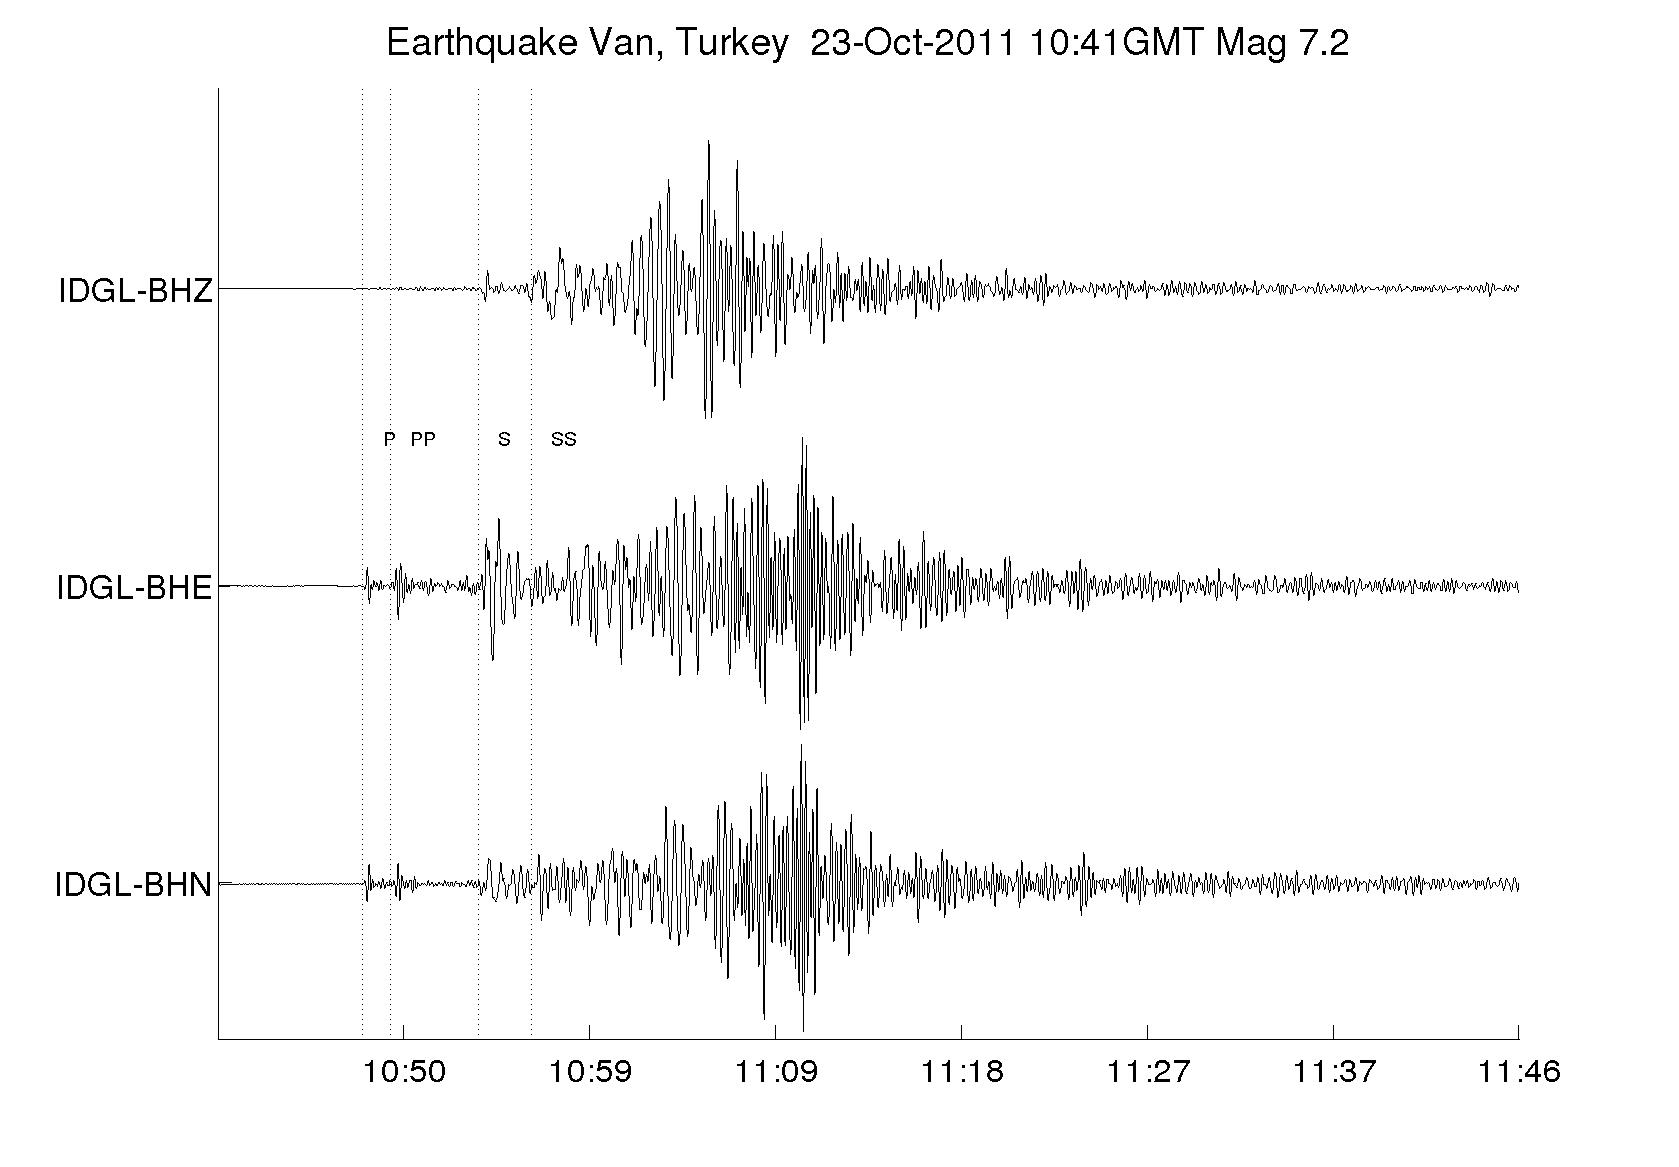 Turkey earthquake IDGL